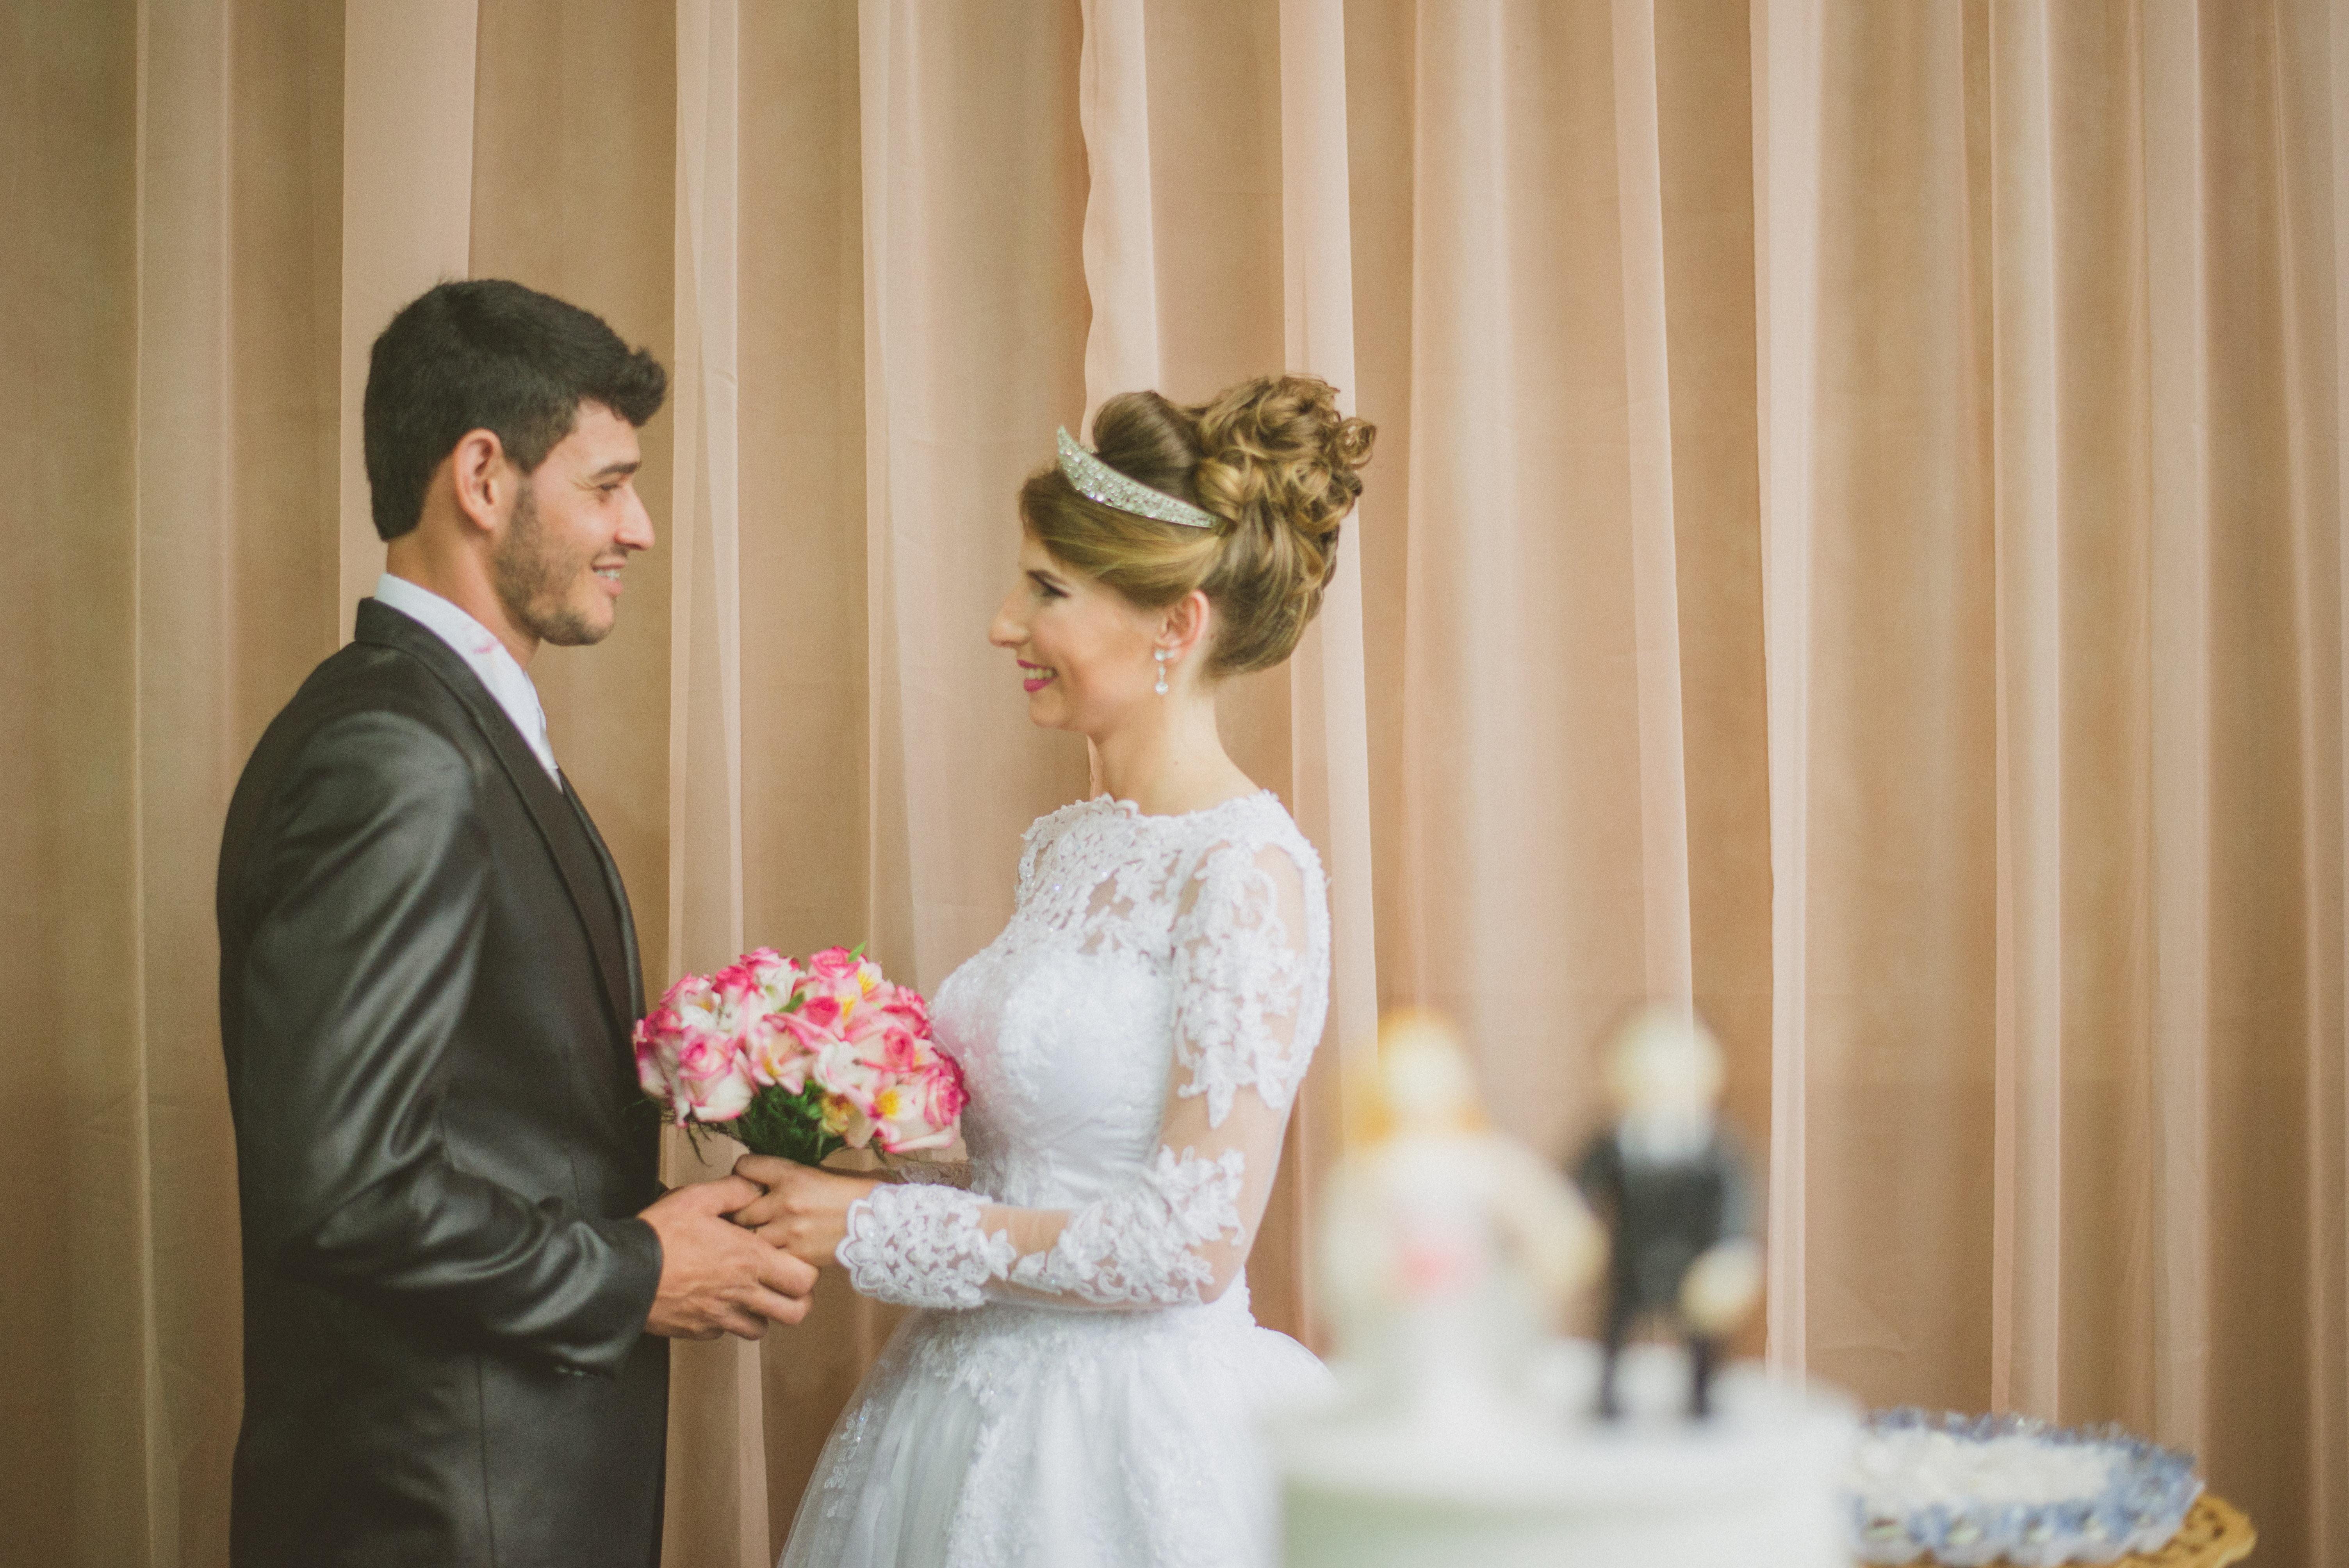 Find a Click fotografia de casamento cariacica es-244